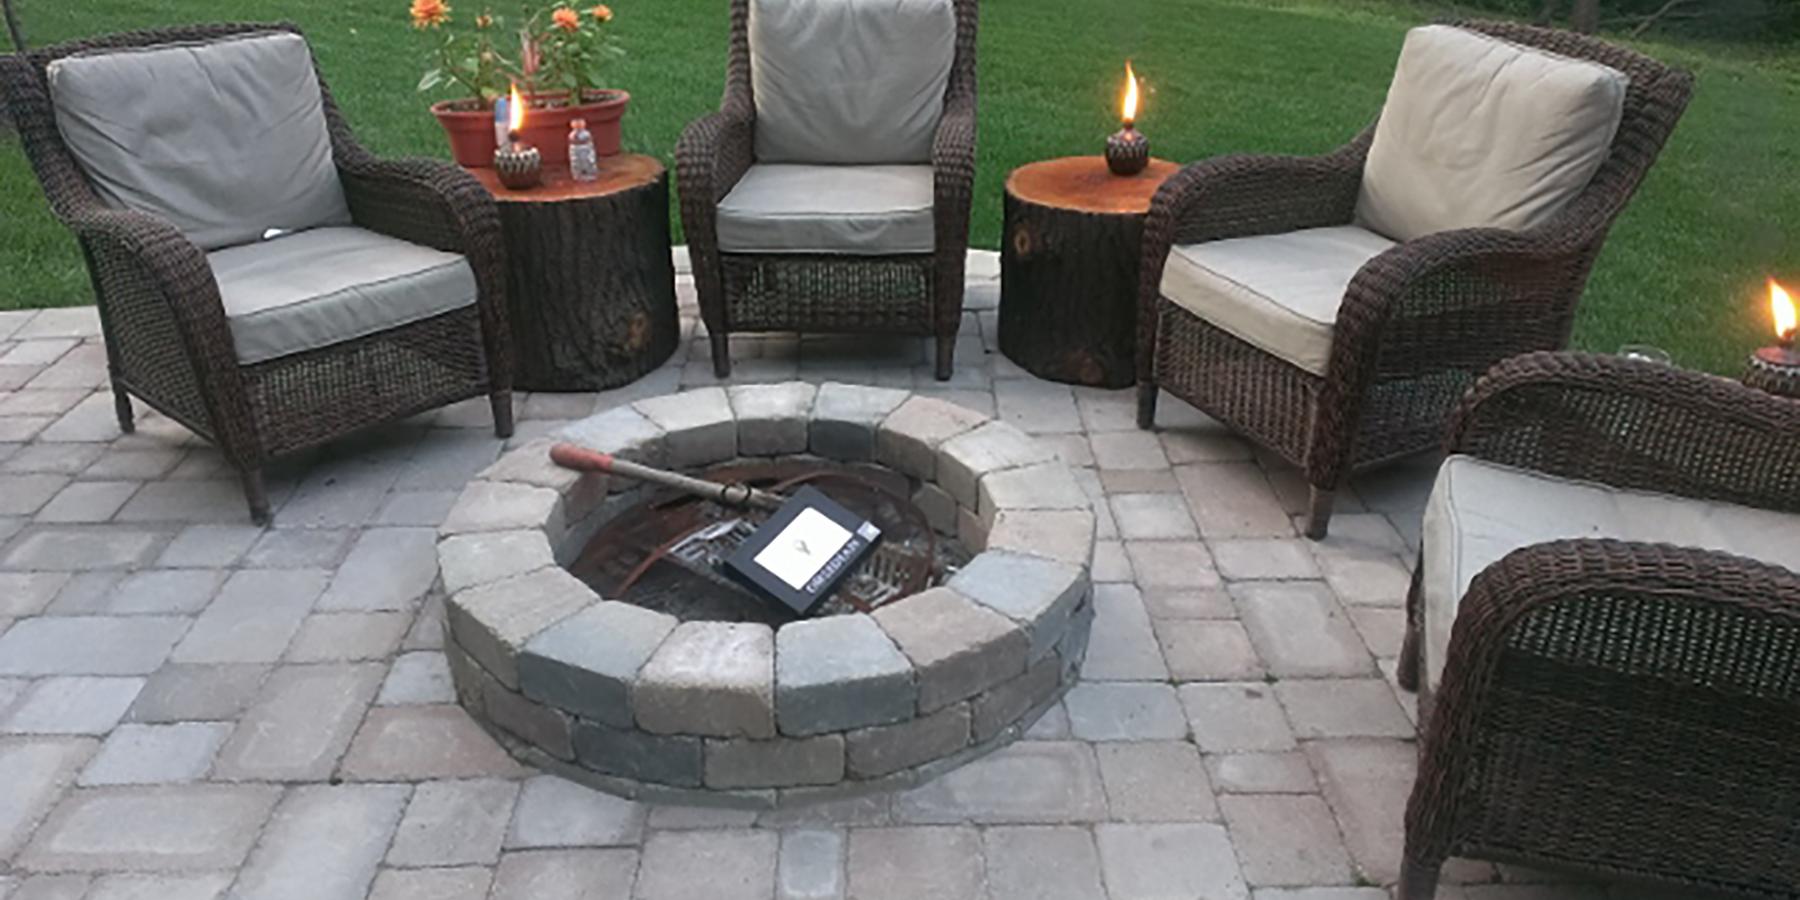 Brick paver fireplace and patio